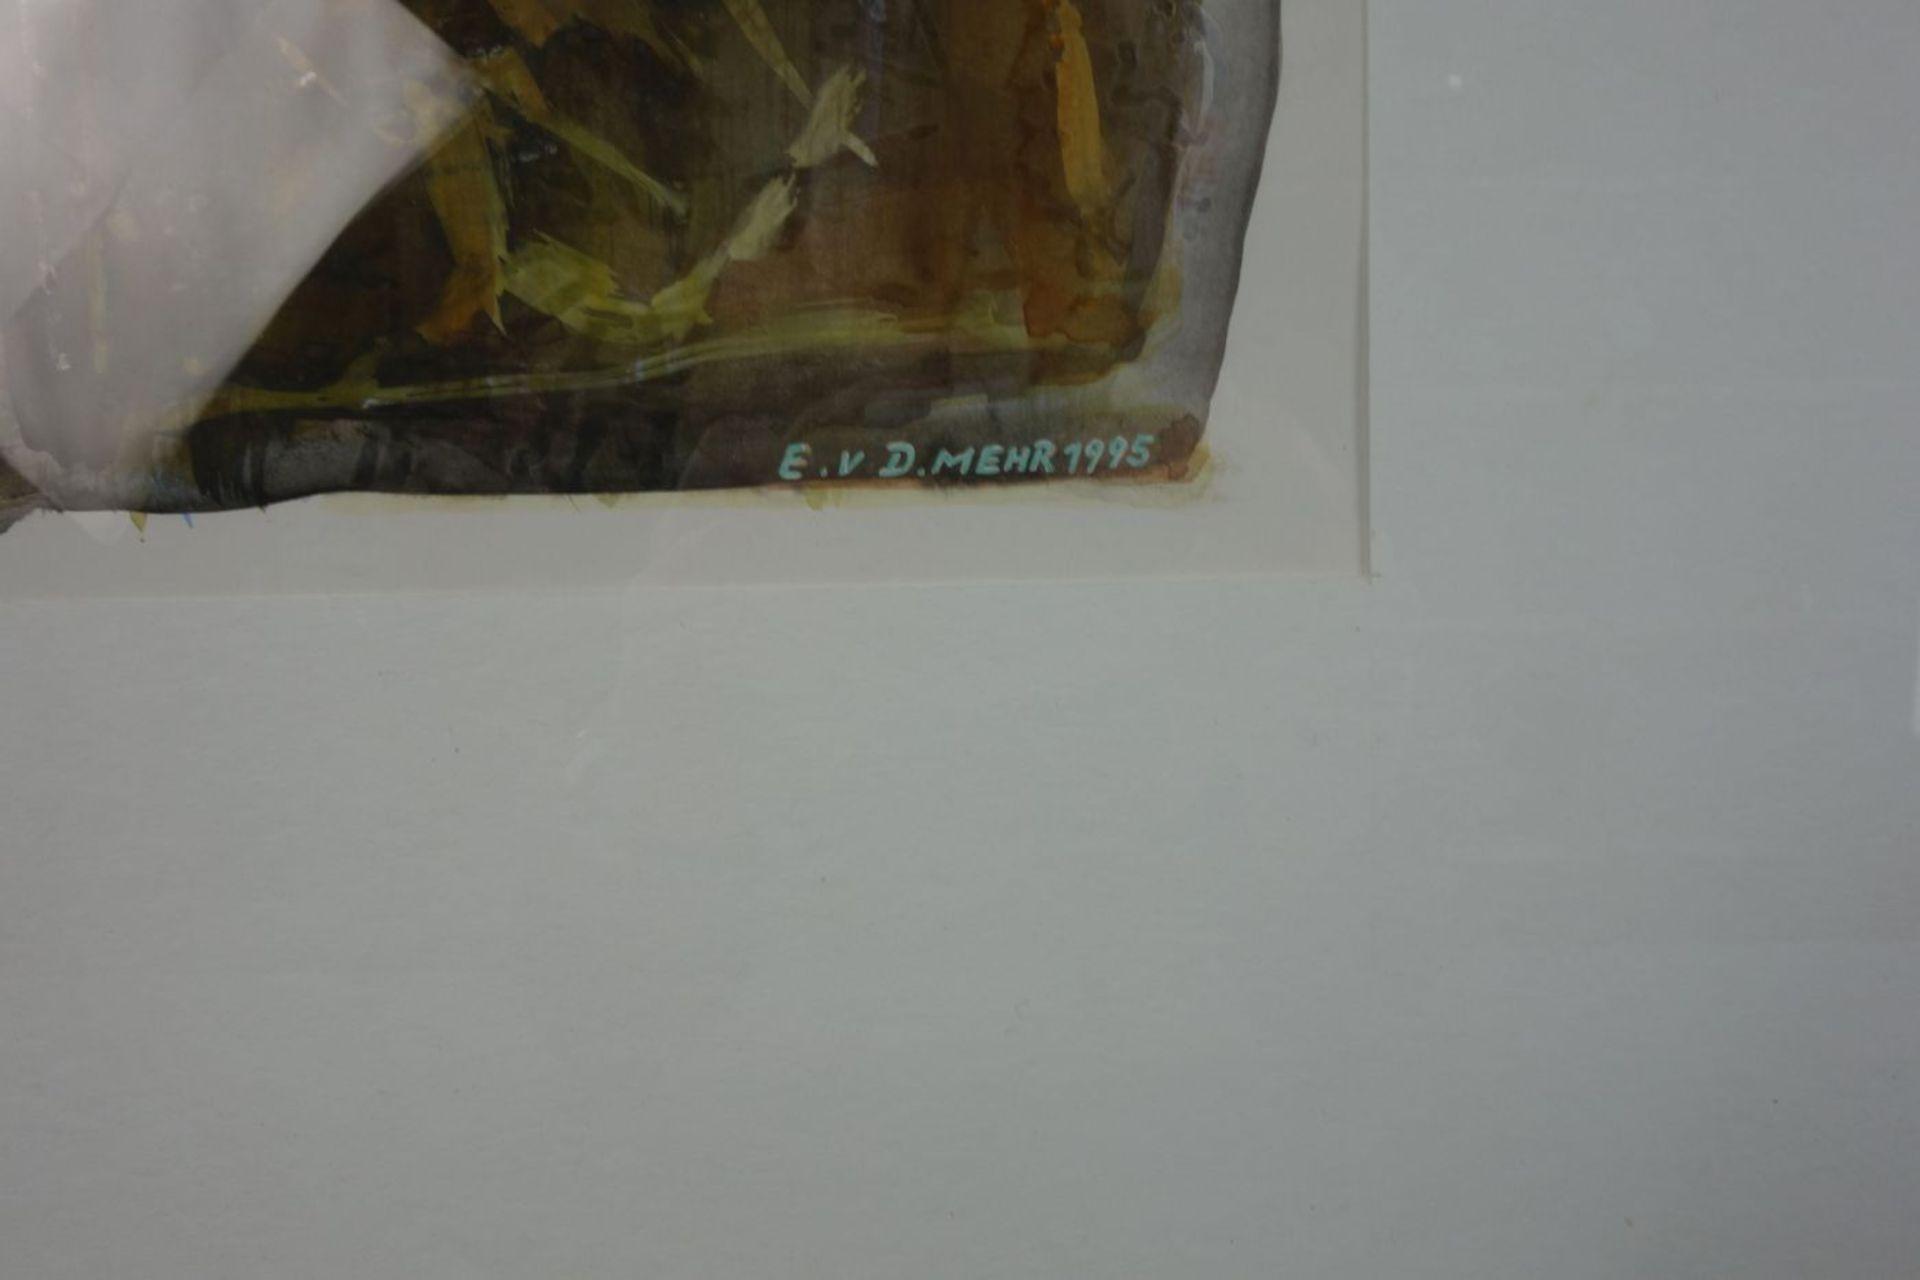 E. V. D. MEHR - GOUACHE - Bild 2 aus 3